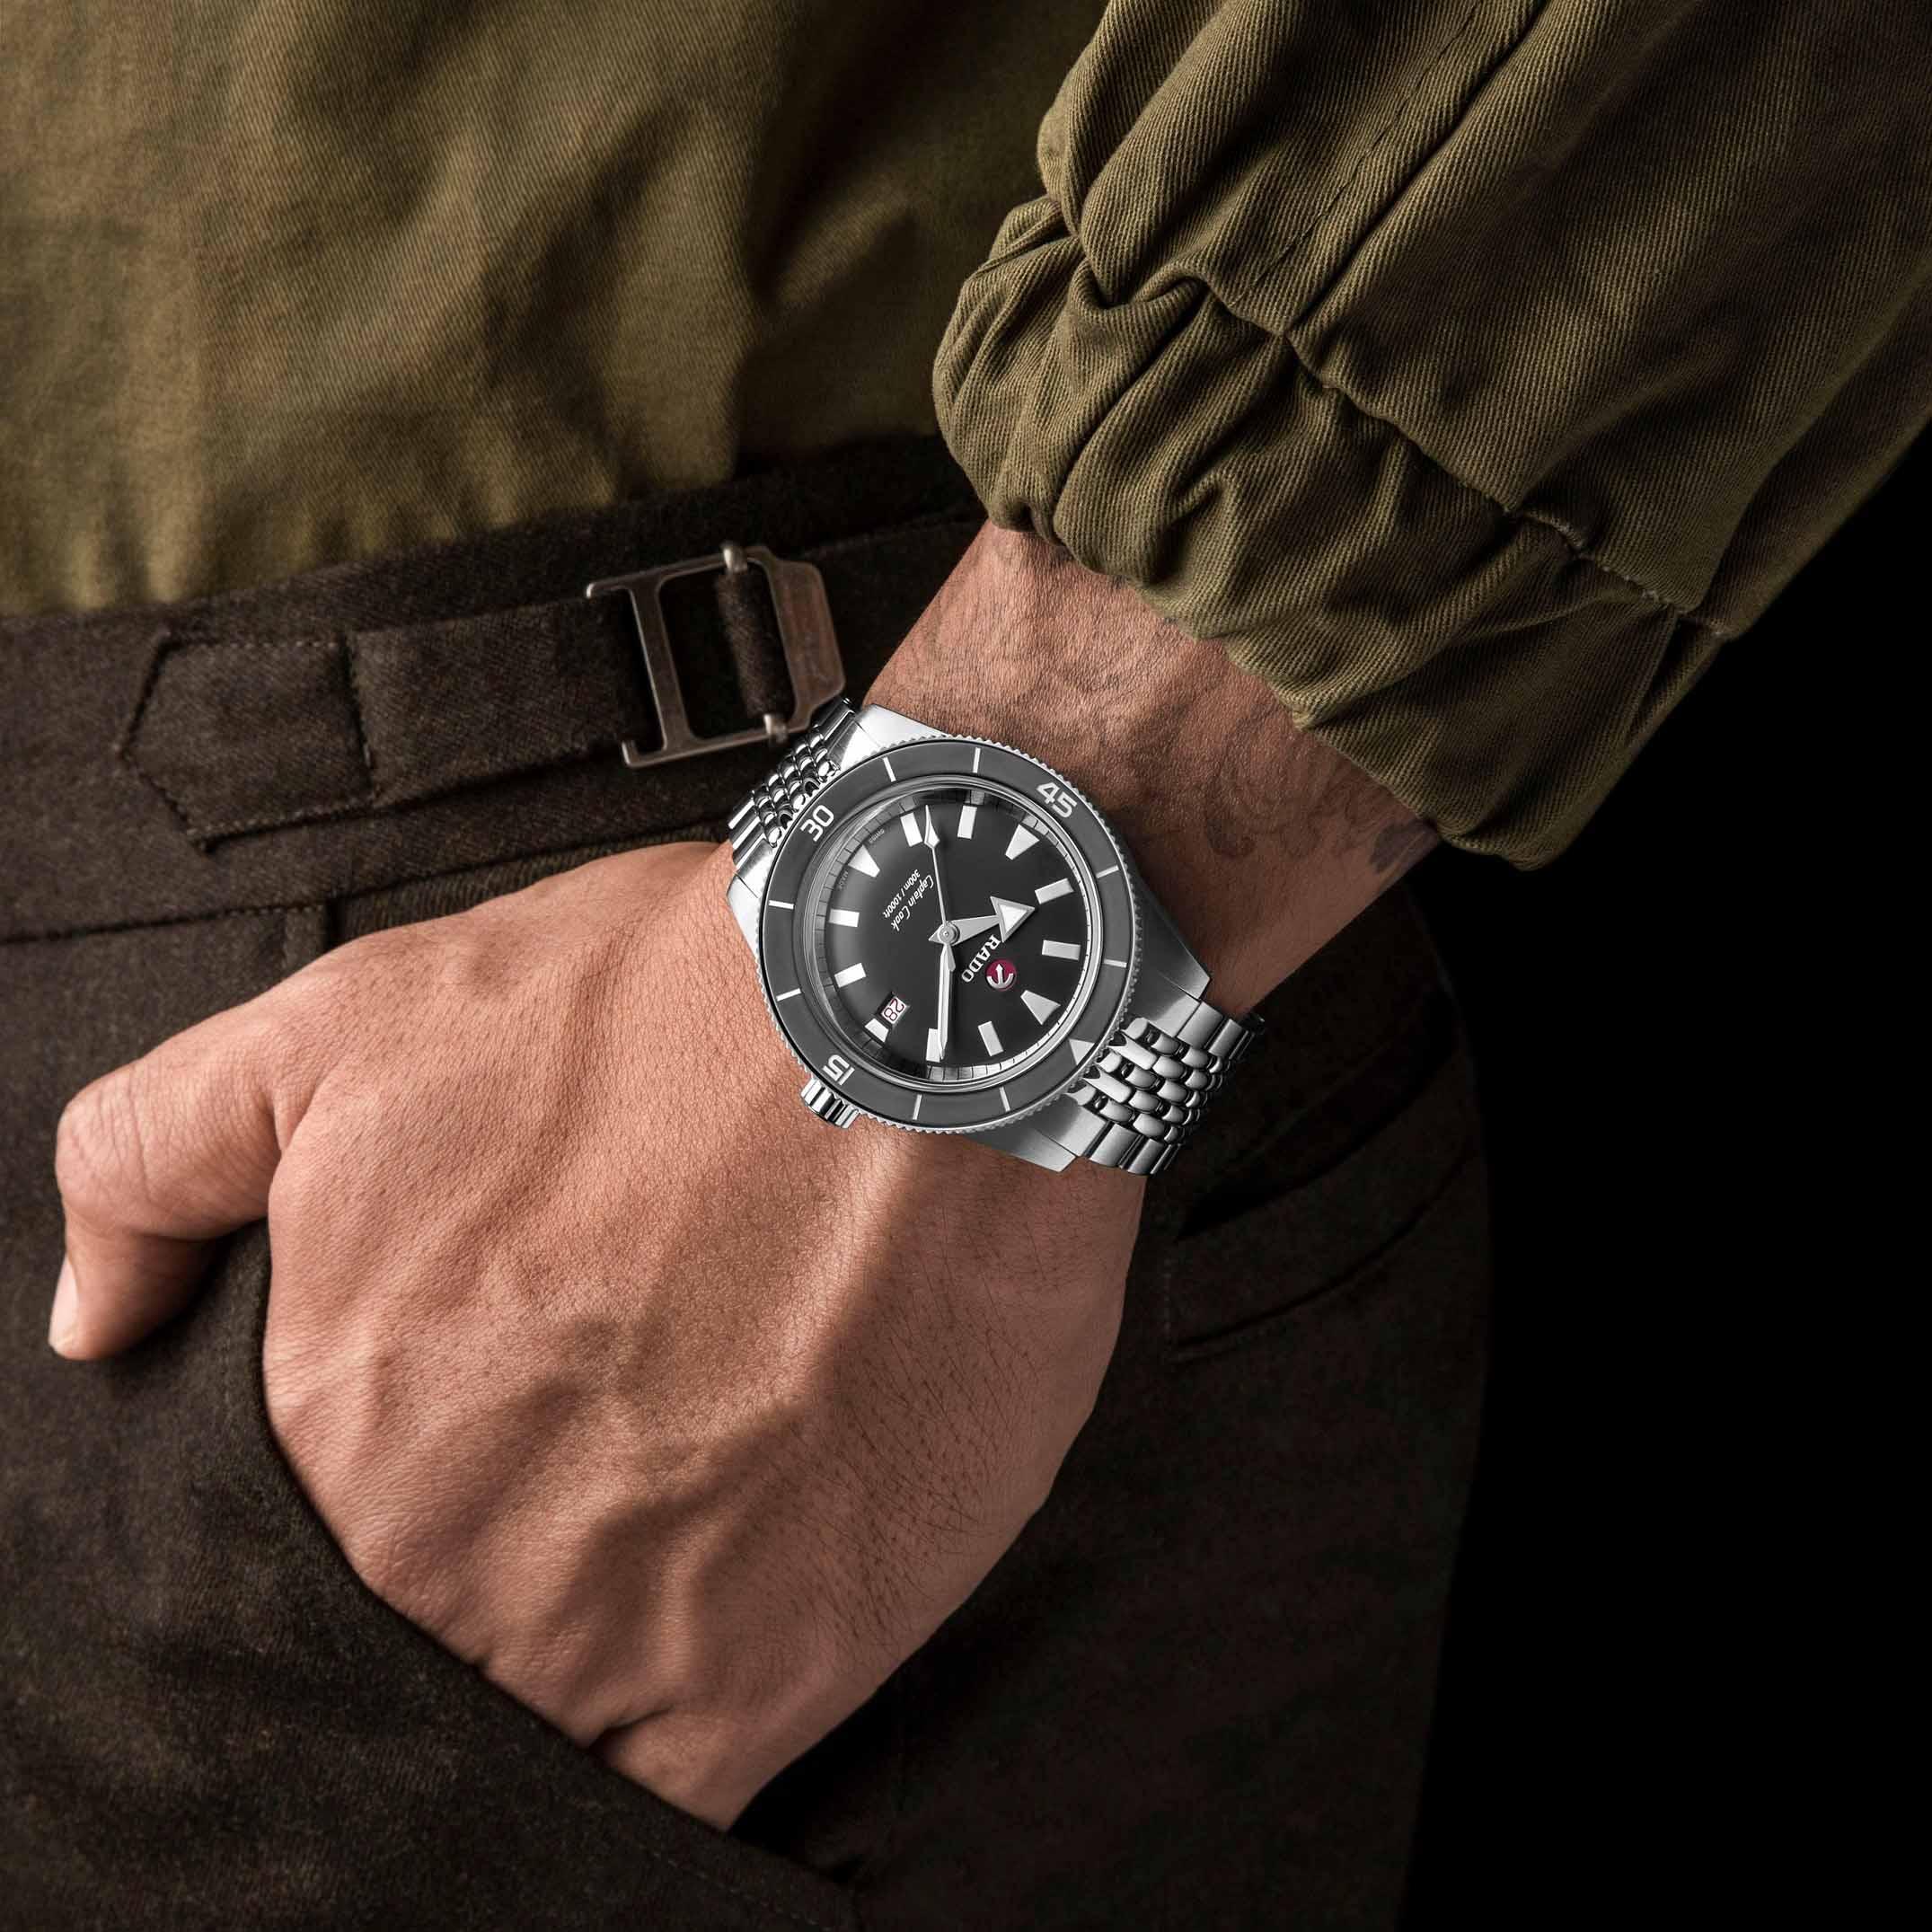 腕间灰调 | Rado瑞士雷达表Captain Cook库克船长暗影自动机械限量版腕表